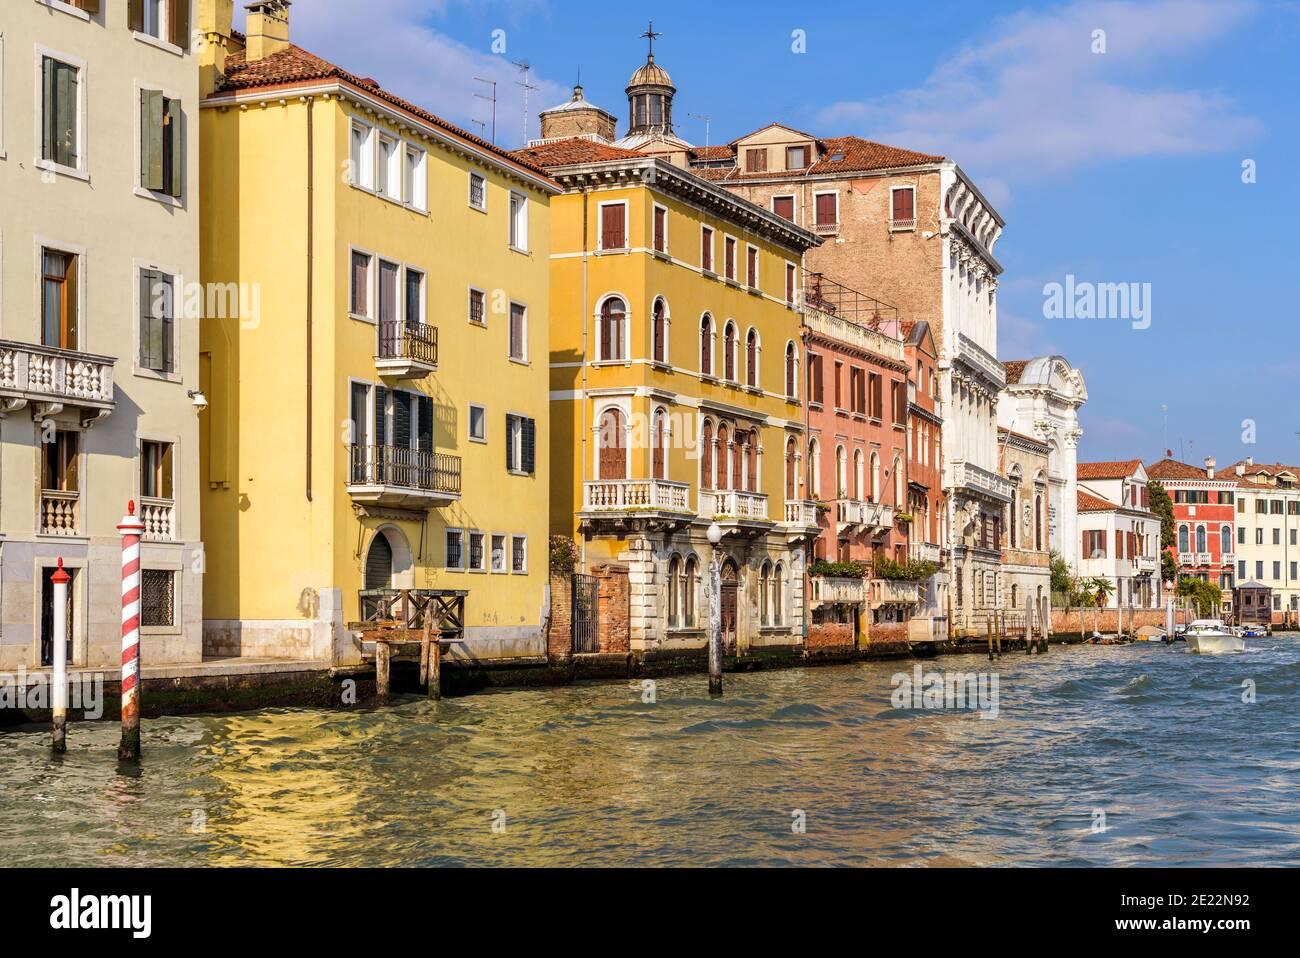 Colourful Canal - Helles Sonnenlicht am Nachmittag scheint auf bunten historischen Gebäuden am Ufer des Canale Grande. Venedig, Italien. Stockfoto